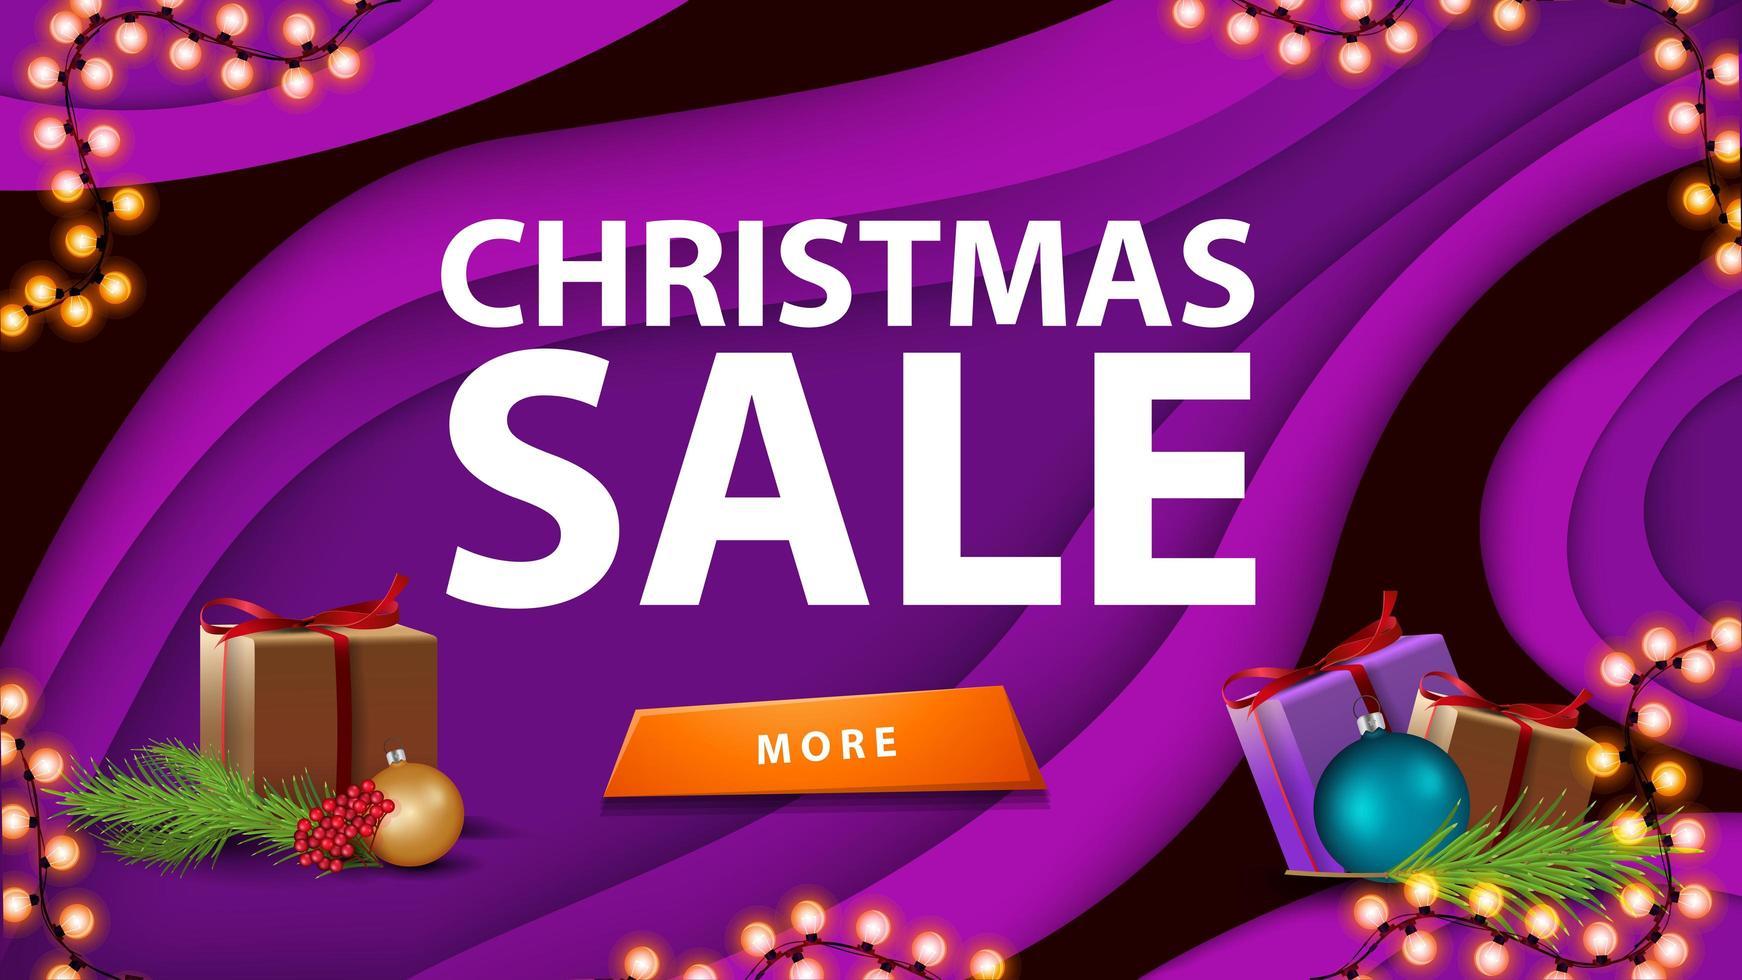 venda de natal, banner de desconto roxo em estilo de corte de papel com botão, presente e galho de árvore de natal vetor